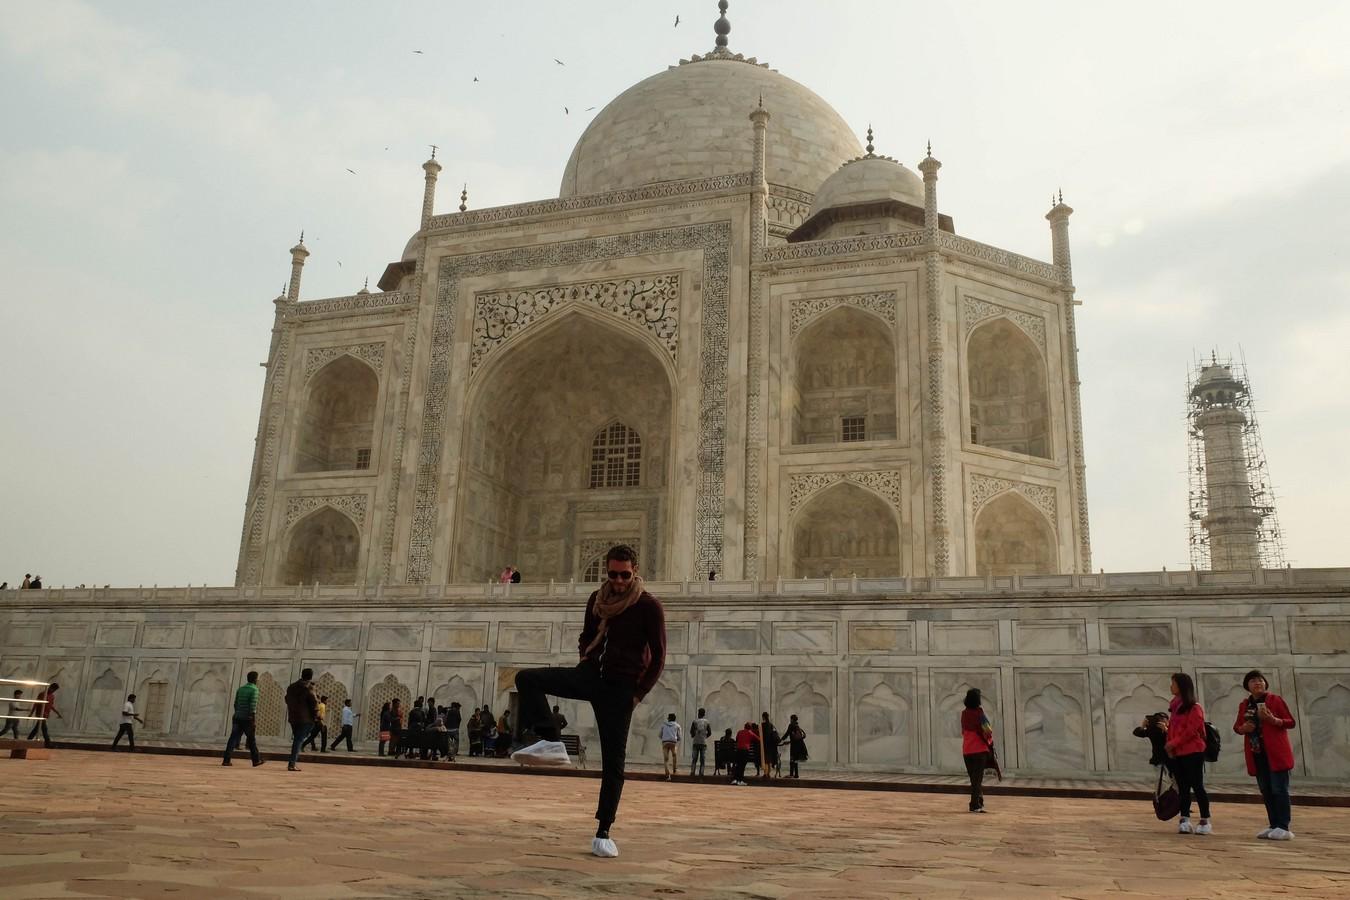 Magnifiques chaussons couvrants pour entrer dans le Taj Mahal